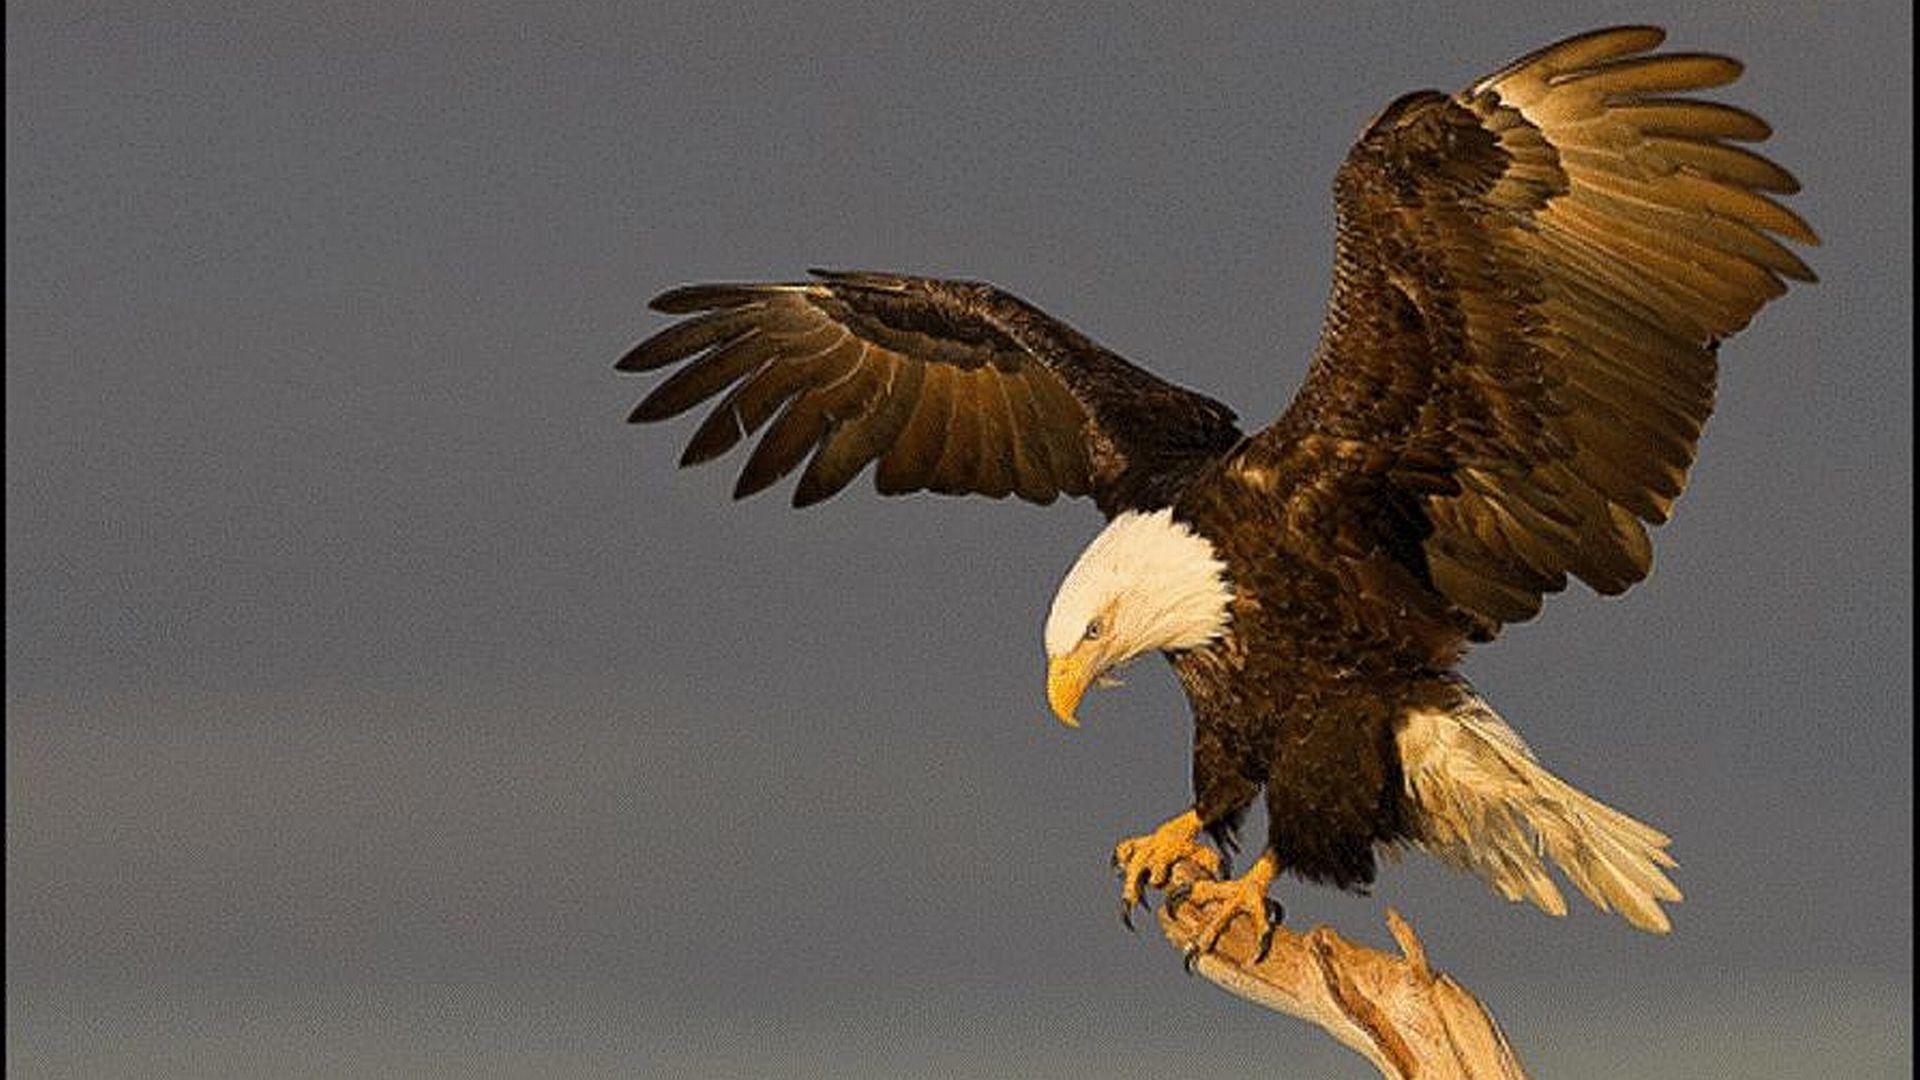 Eagle On The Desk